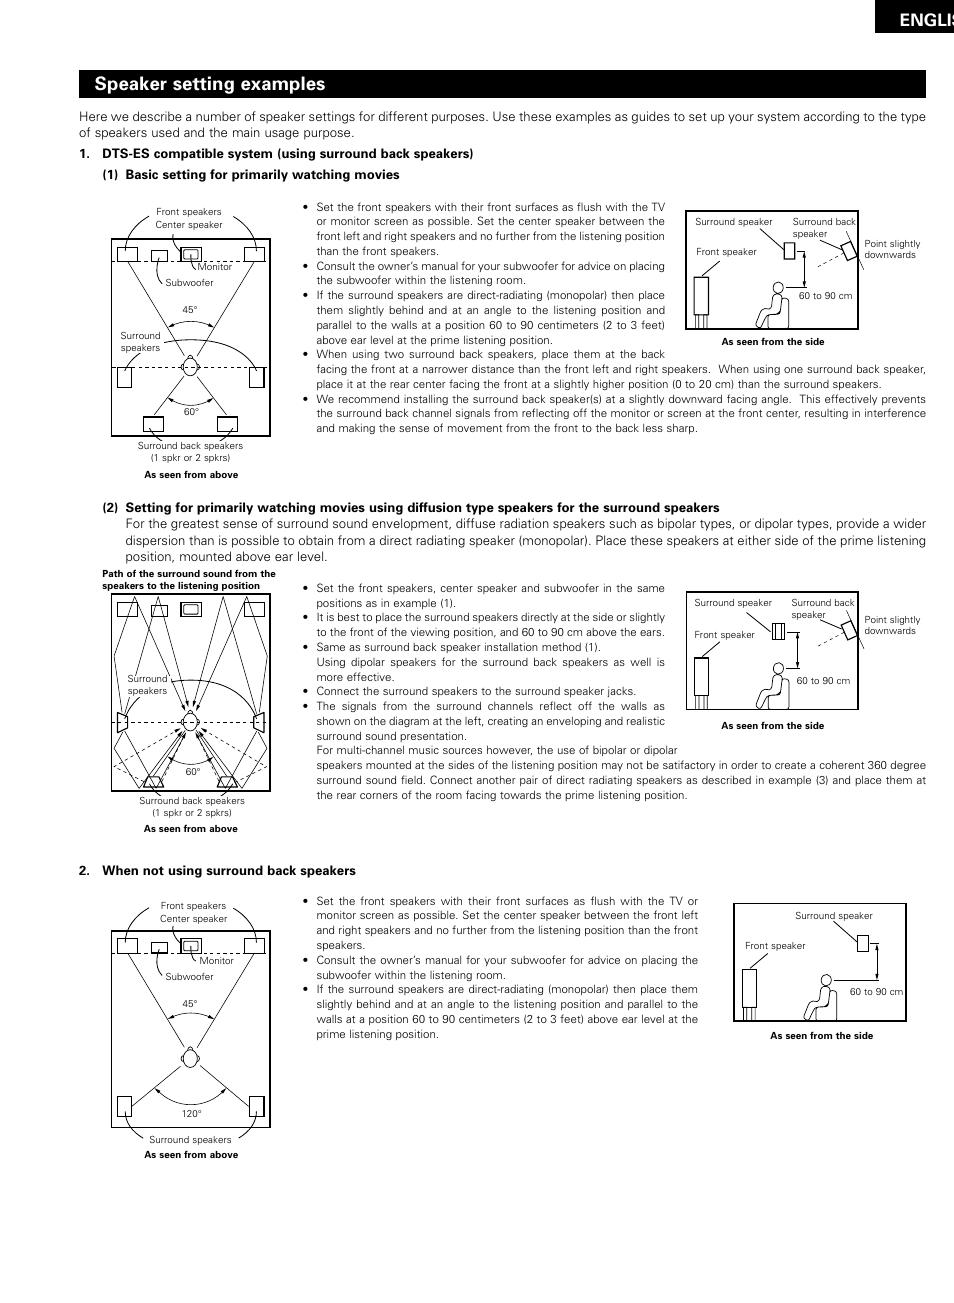 Denon Avr 1200 User Manual